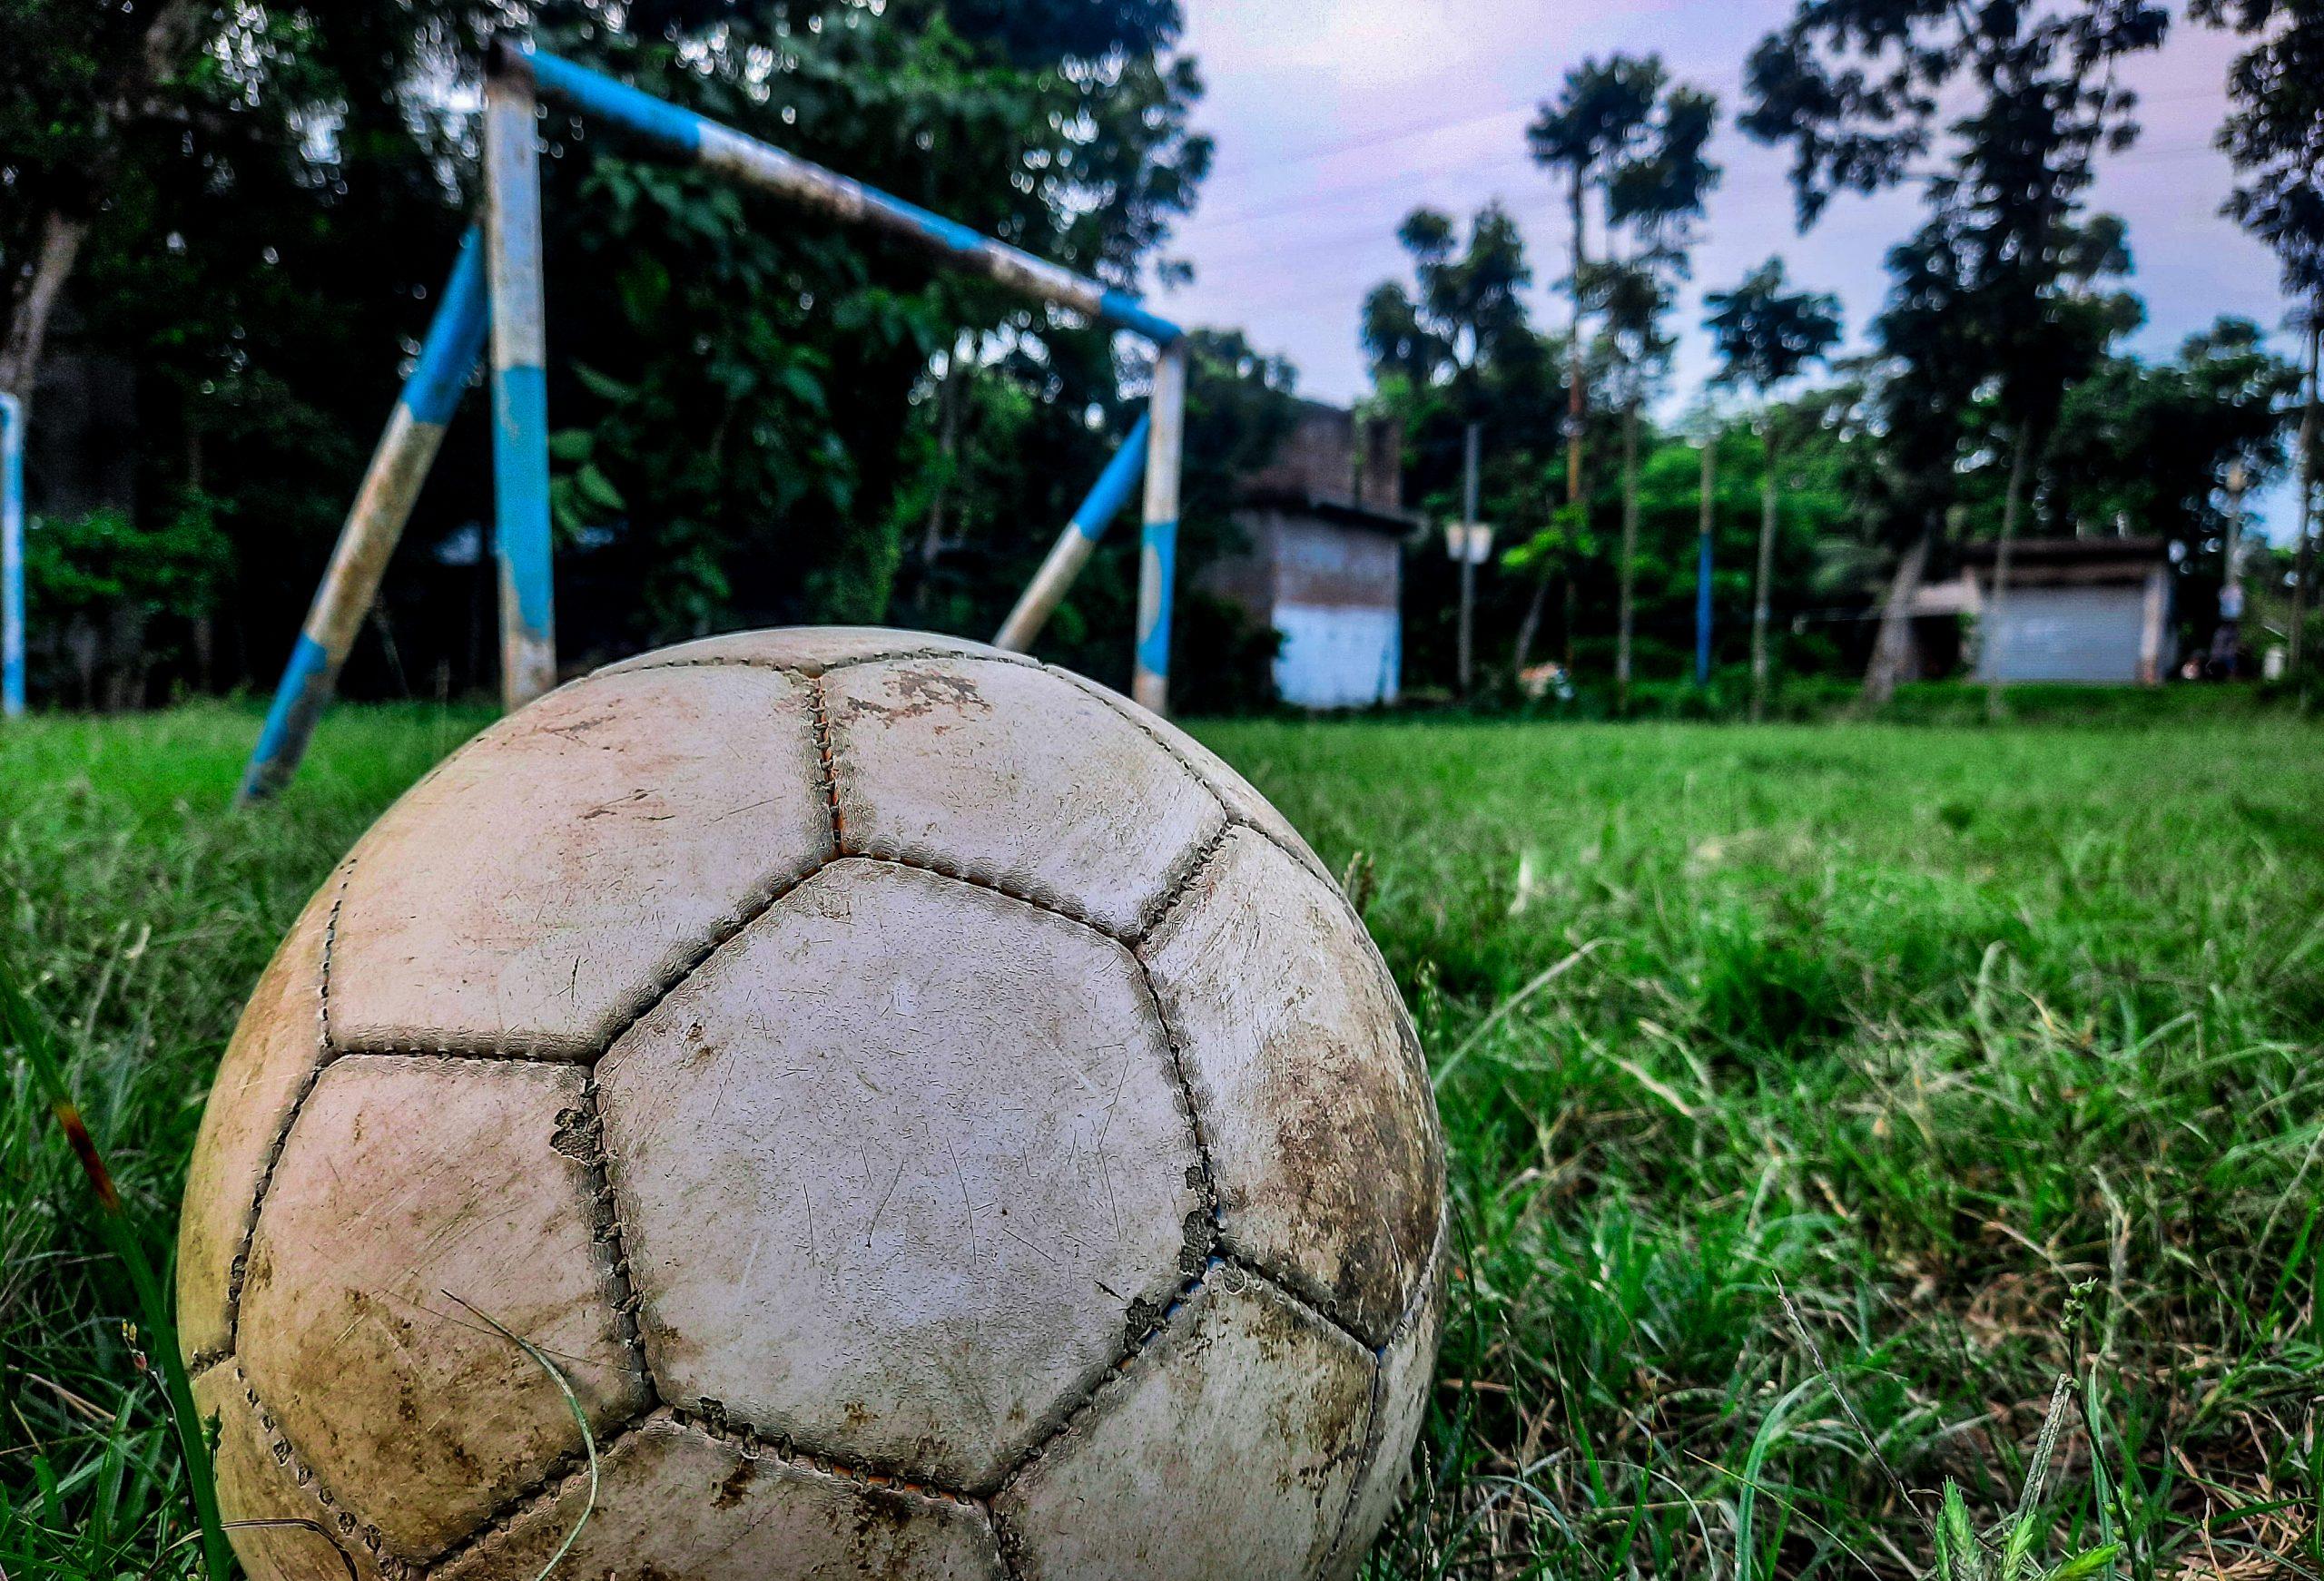 Football beside goalpost